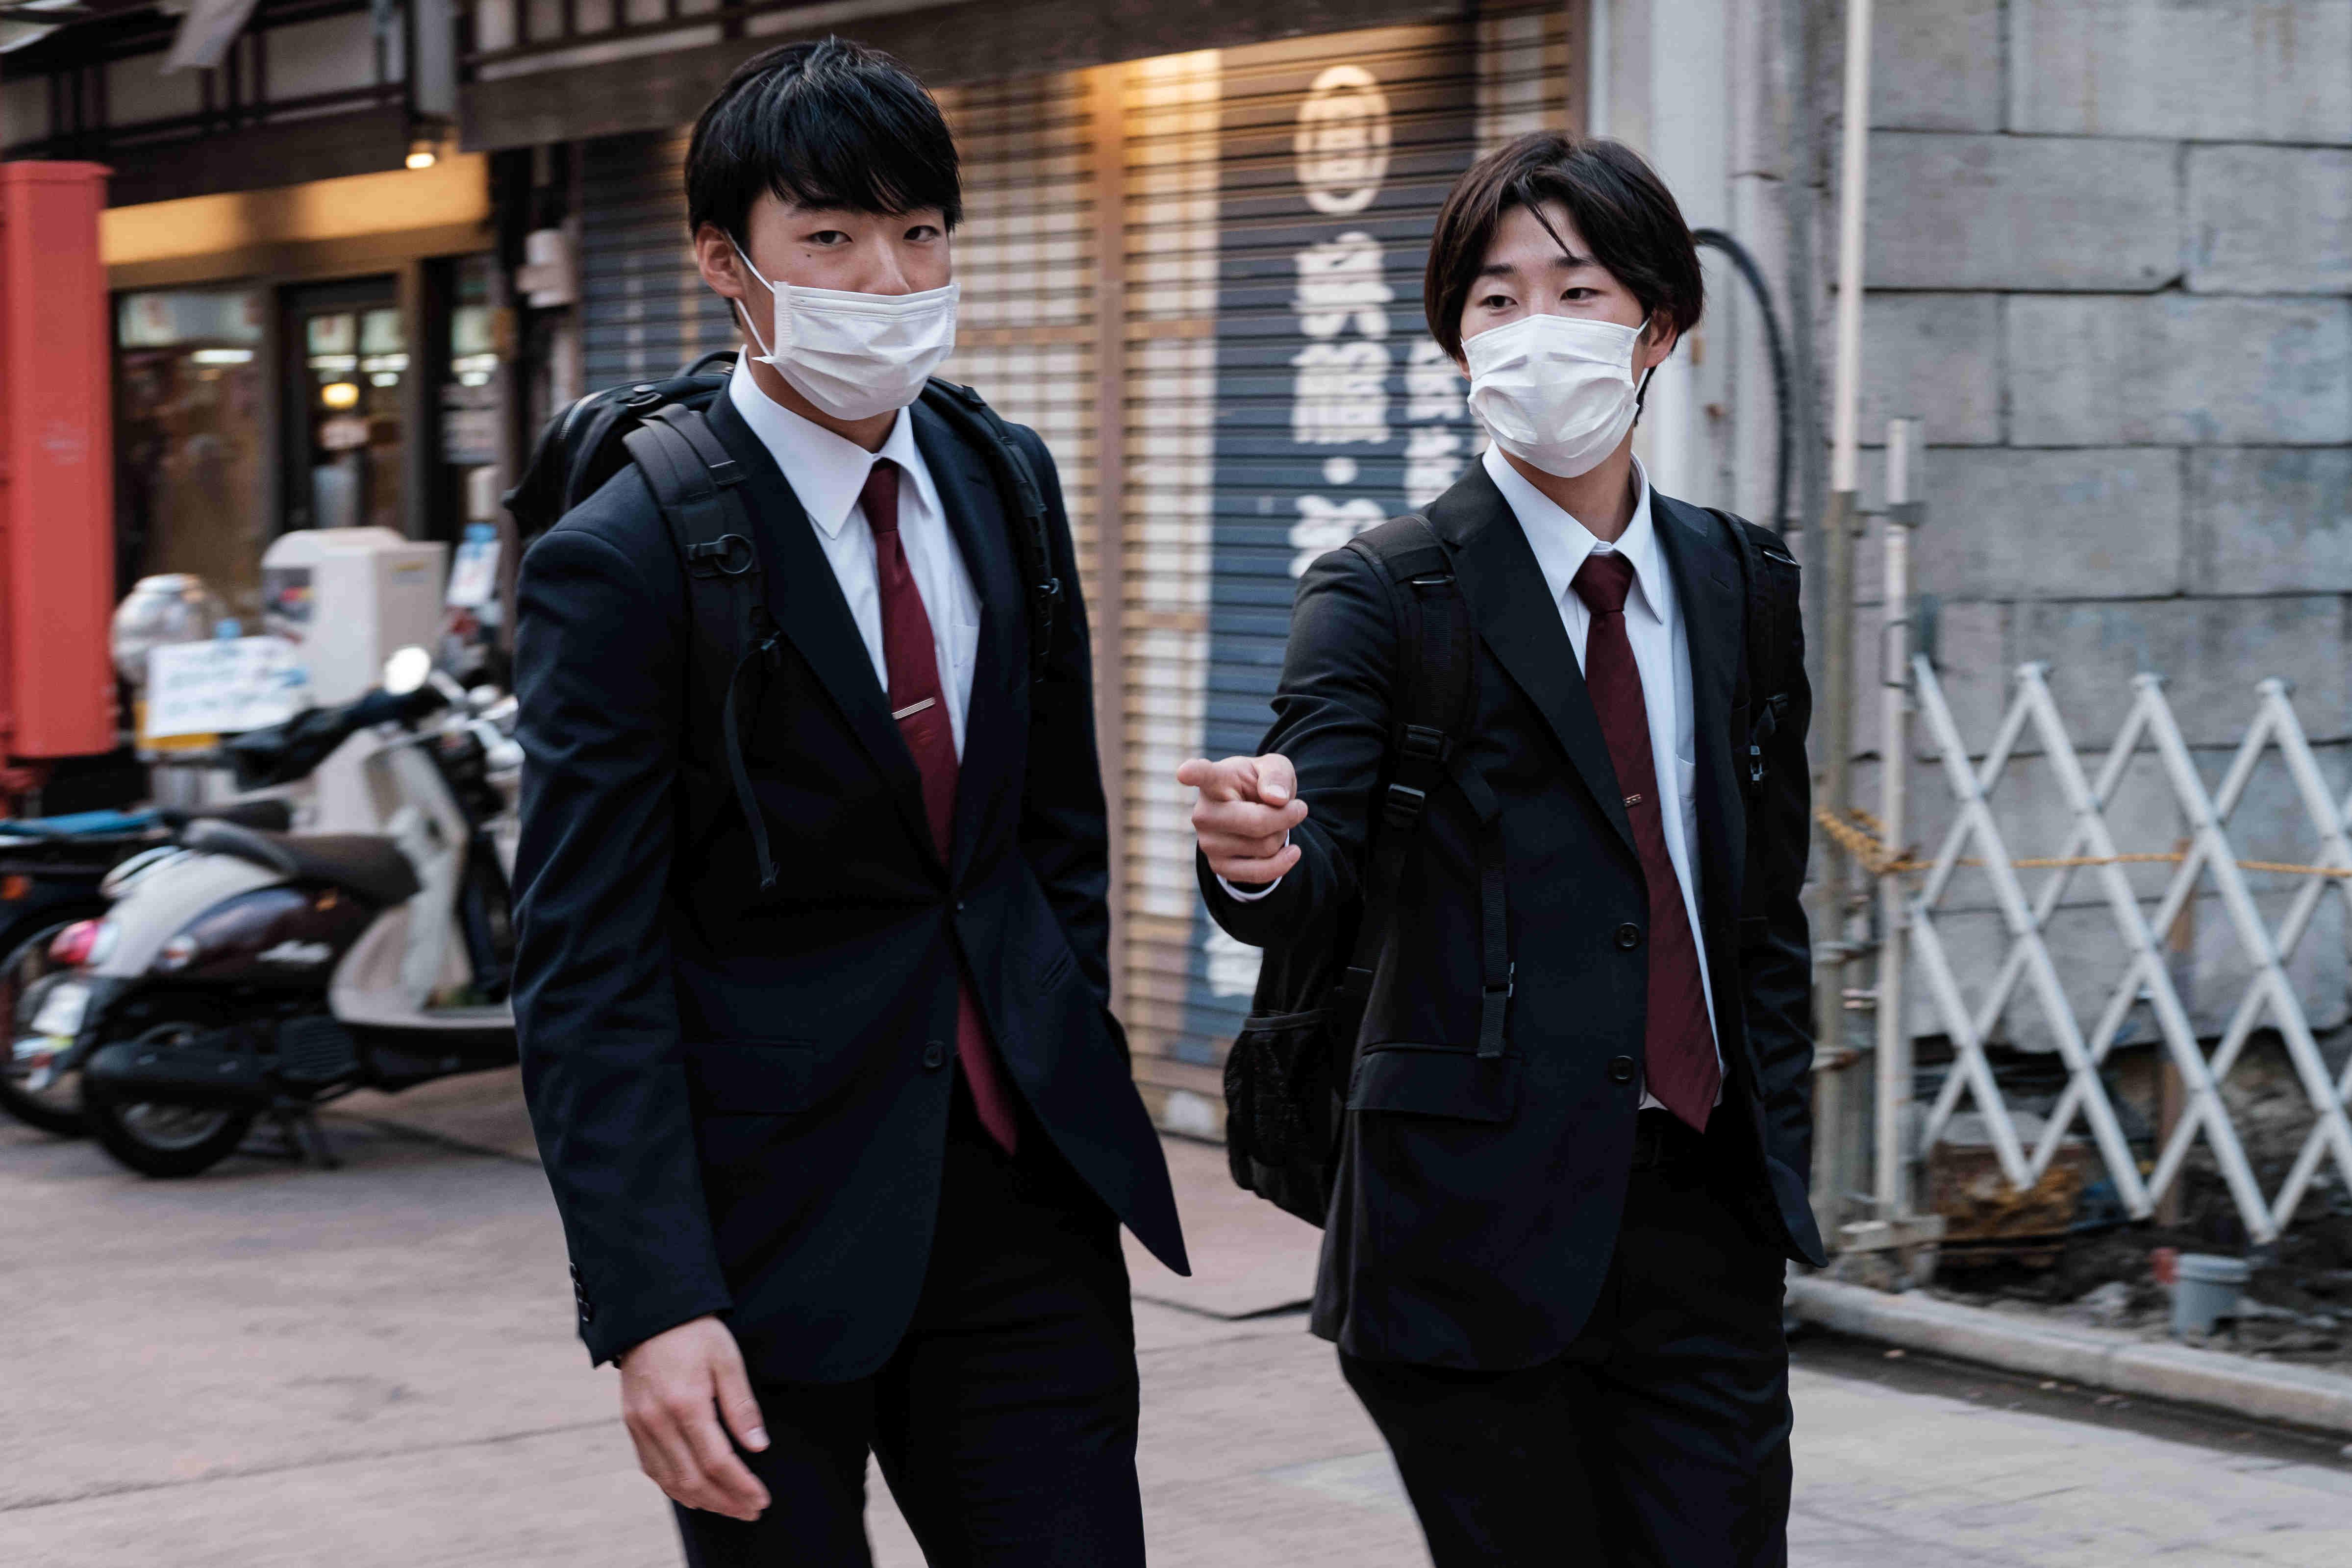 Deux étudiants portant un masque rentrent de l'école ©Florent Guérout